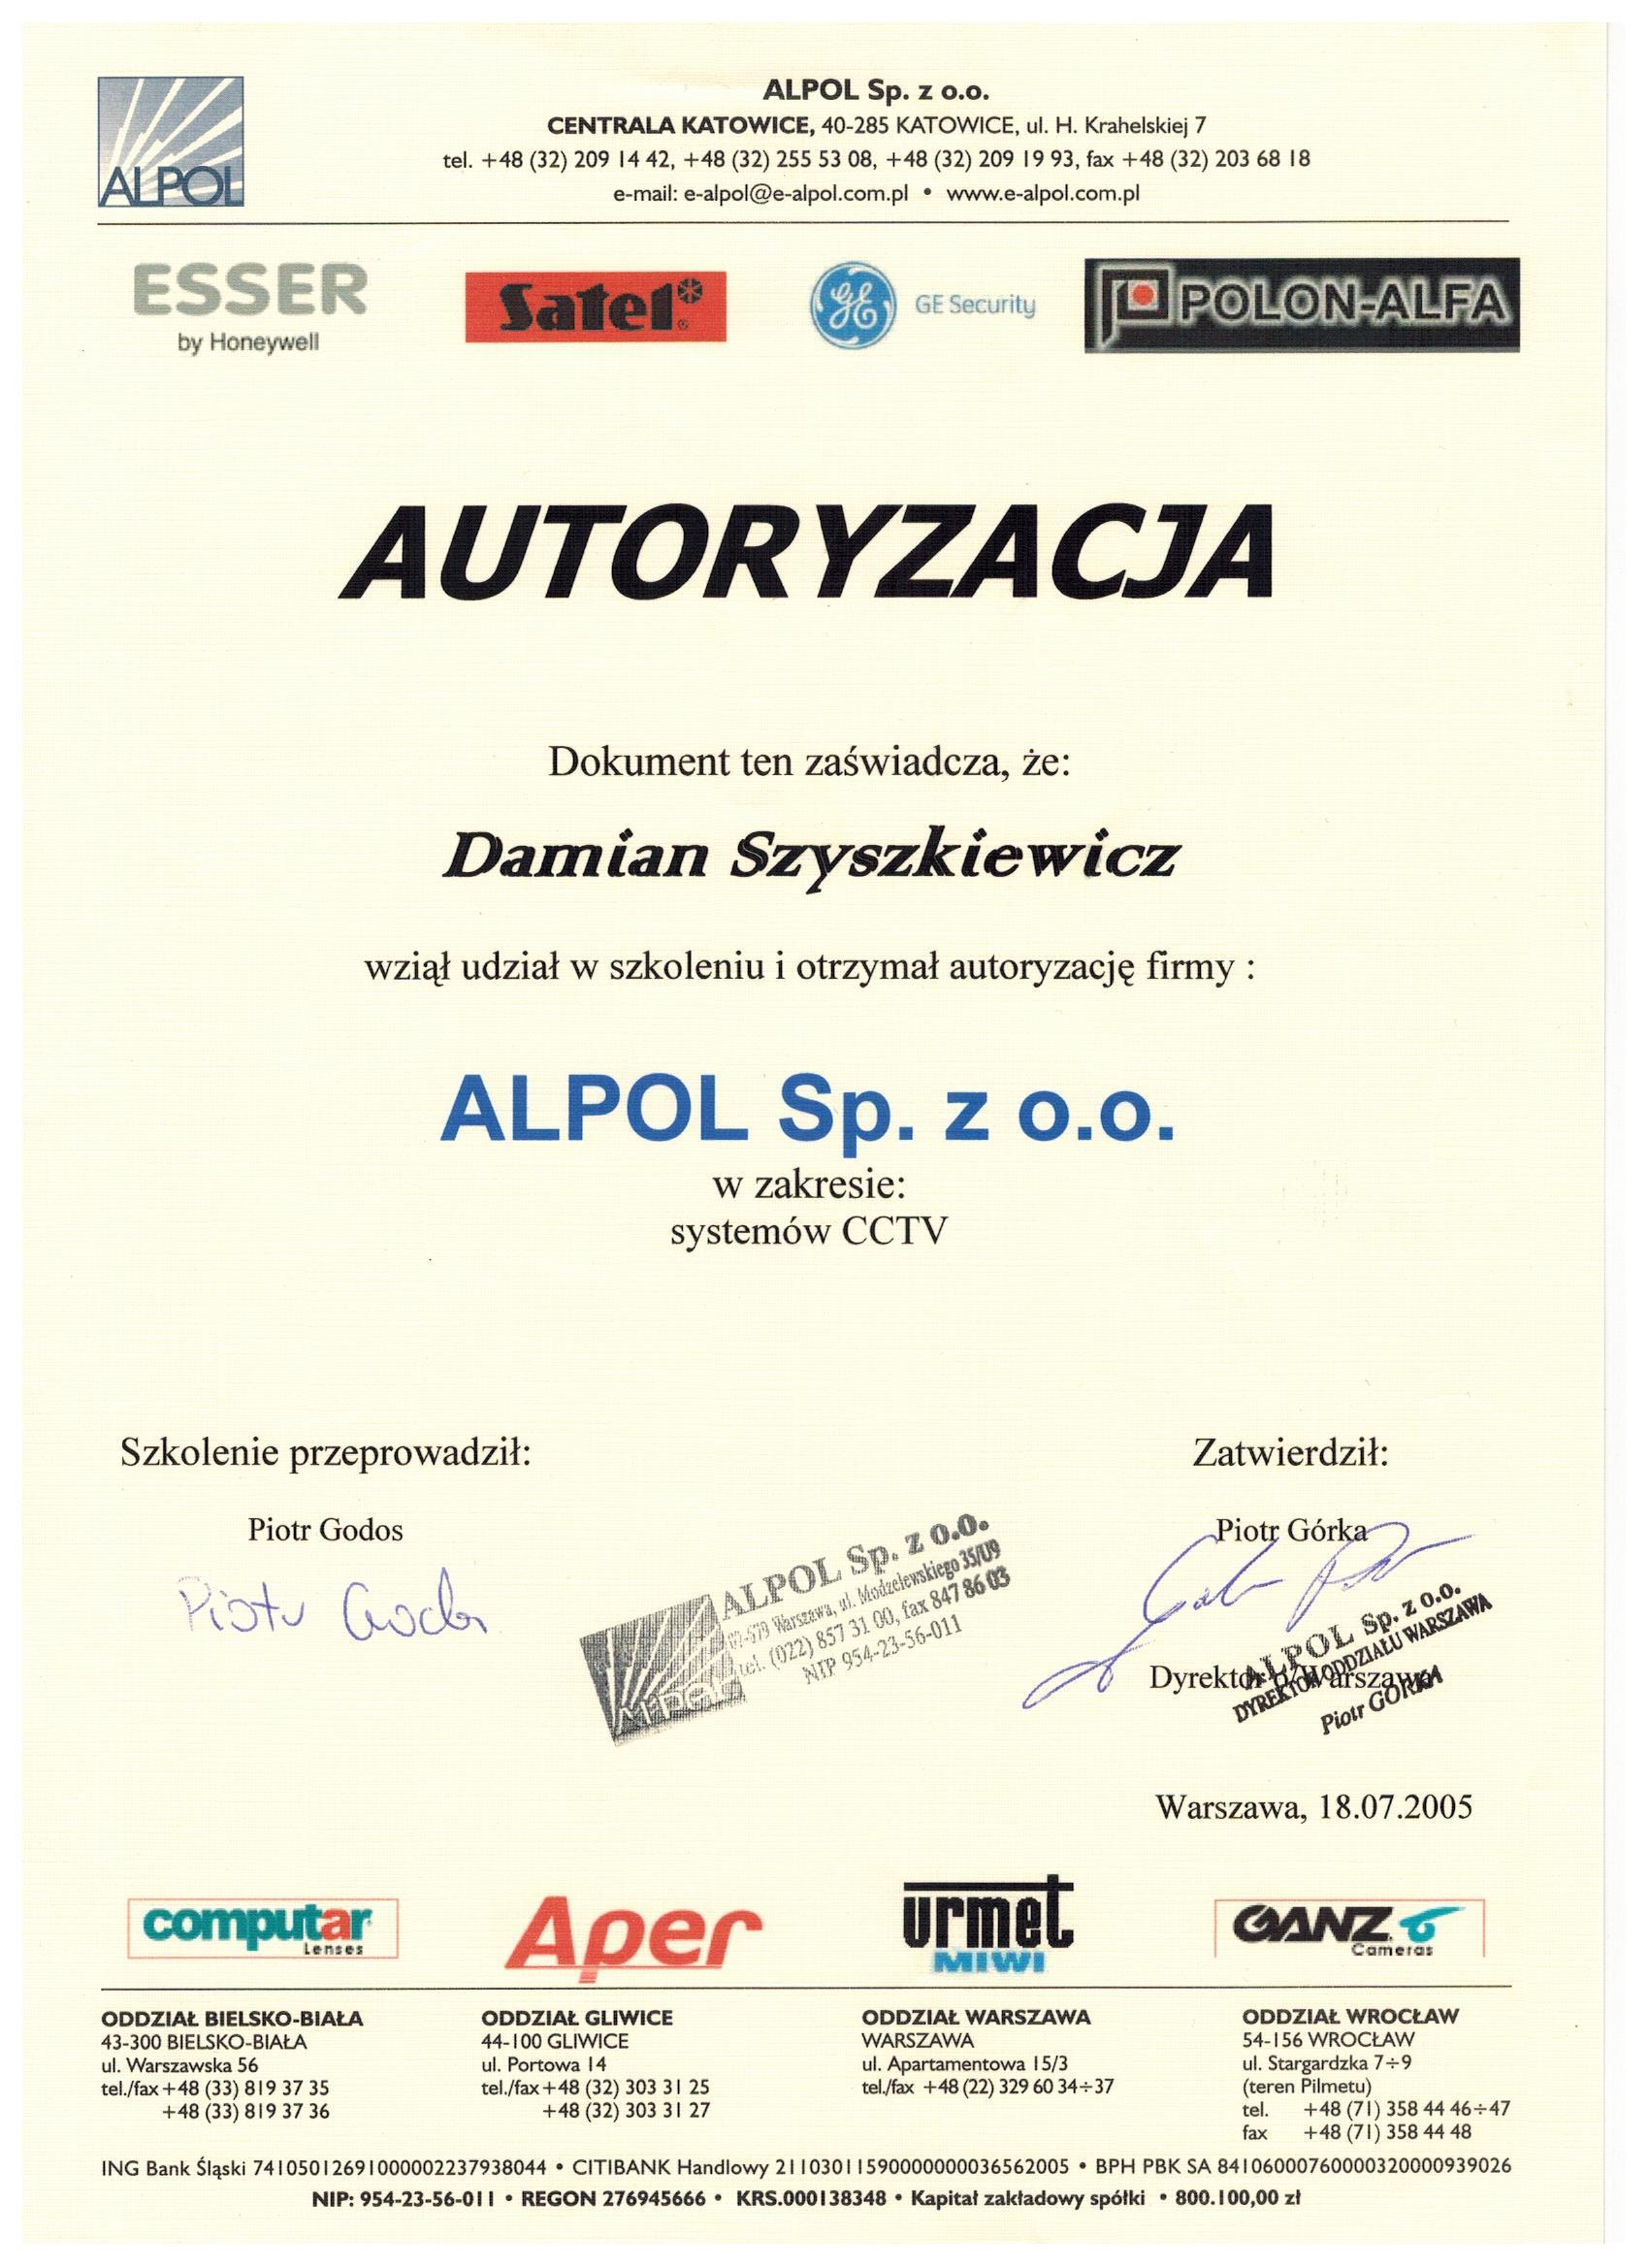 Autoryzacja firmy APLOL - systemy CCTV